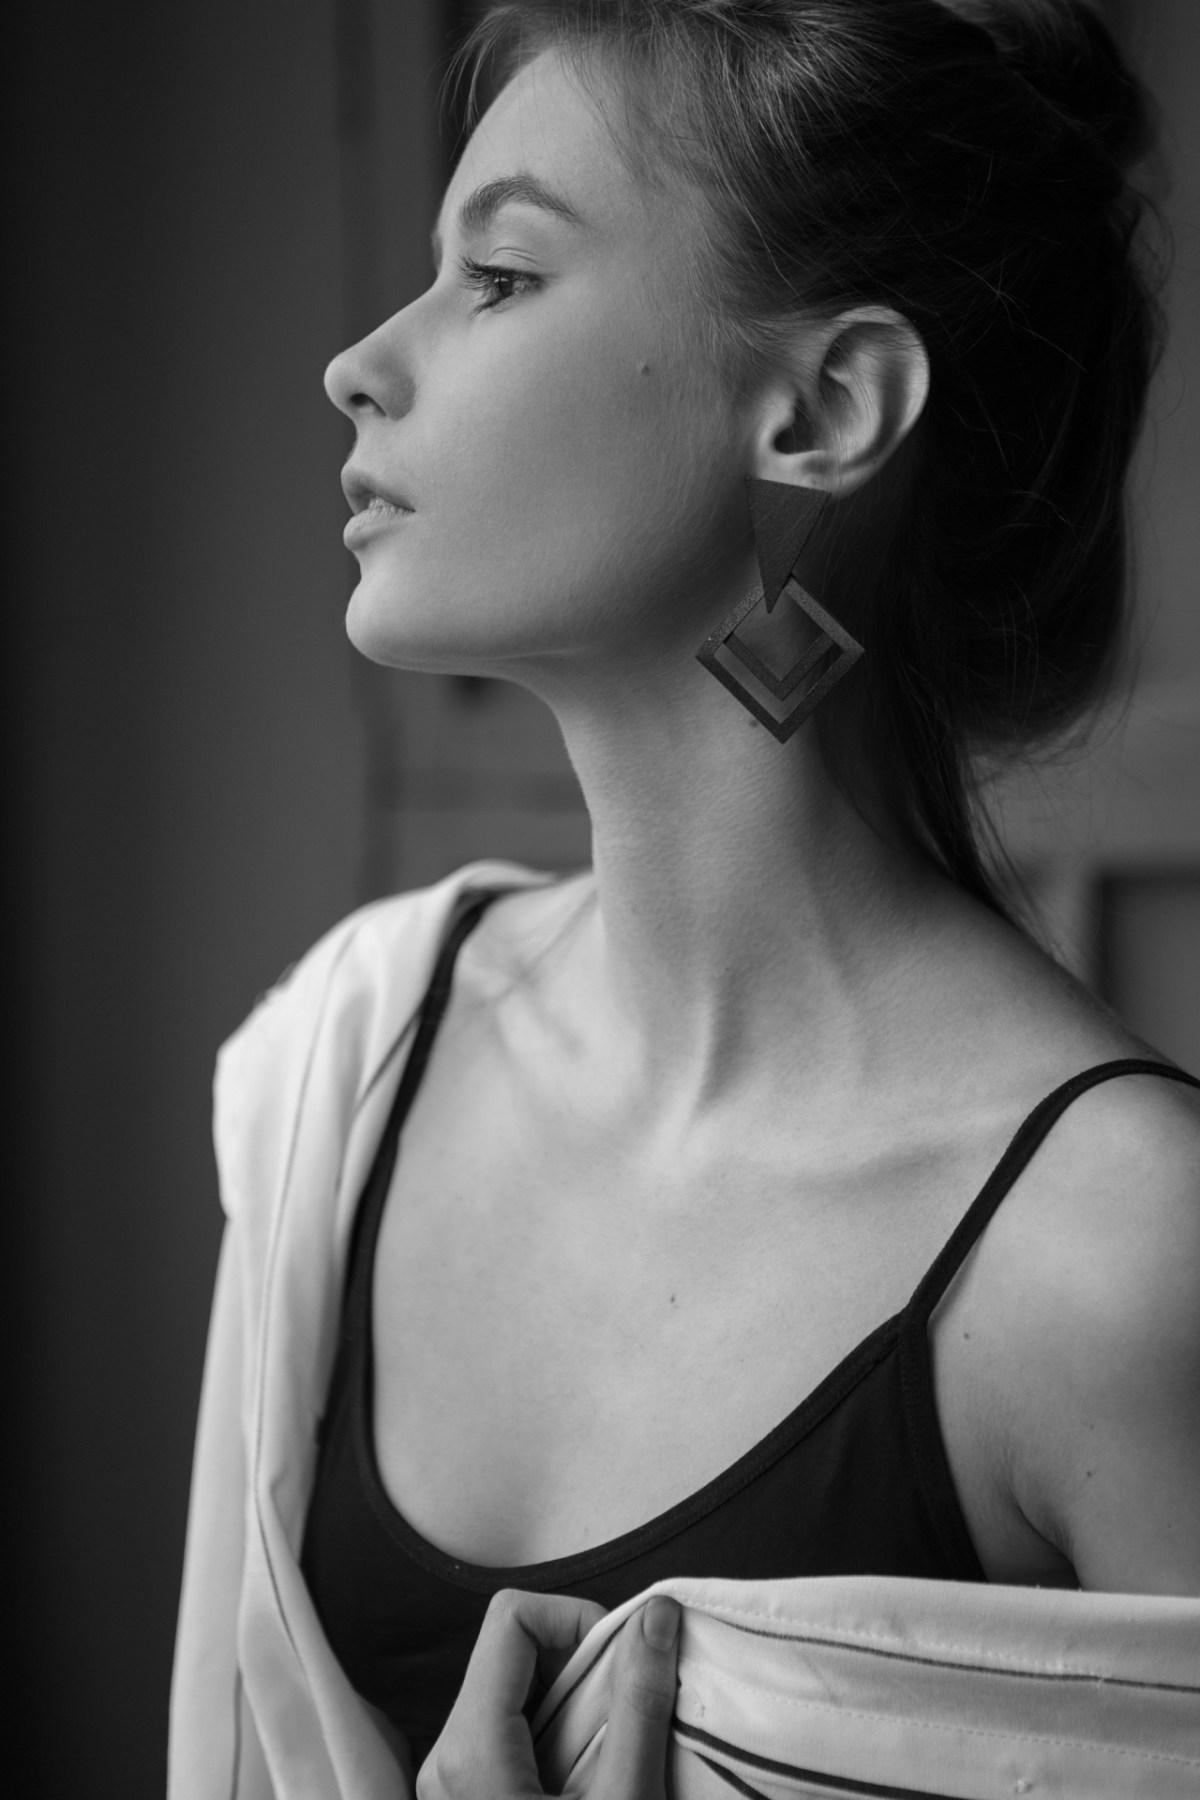 Katerina by Alex Nemalevich